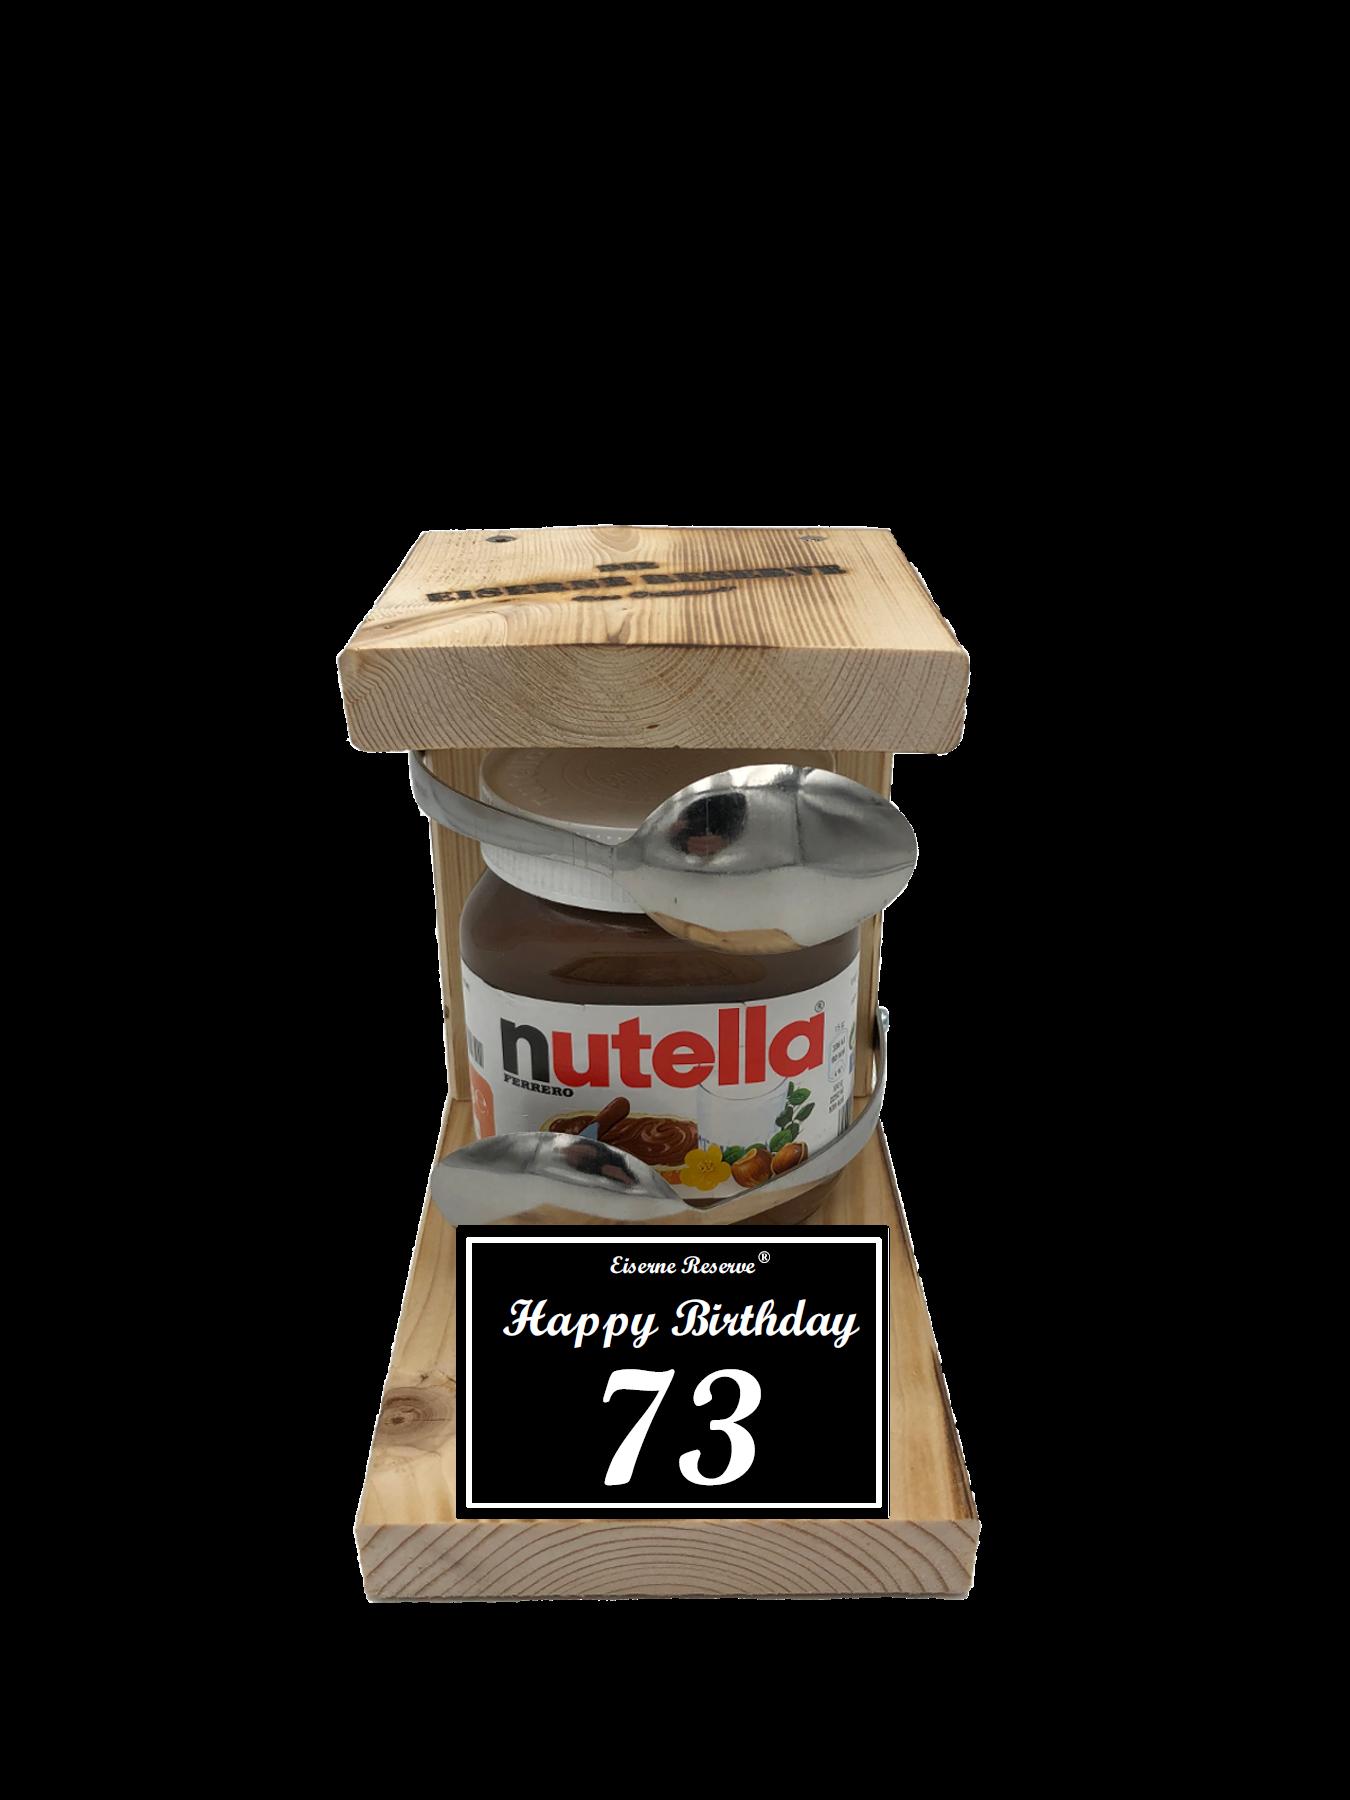 73 Happy Birthday Löffel Nutella Geschenk - Die Nutella Geschenkidee